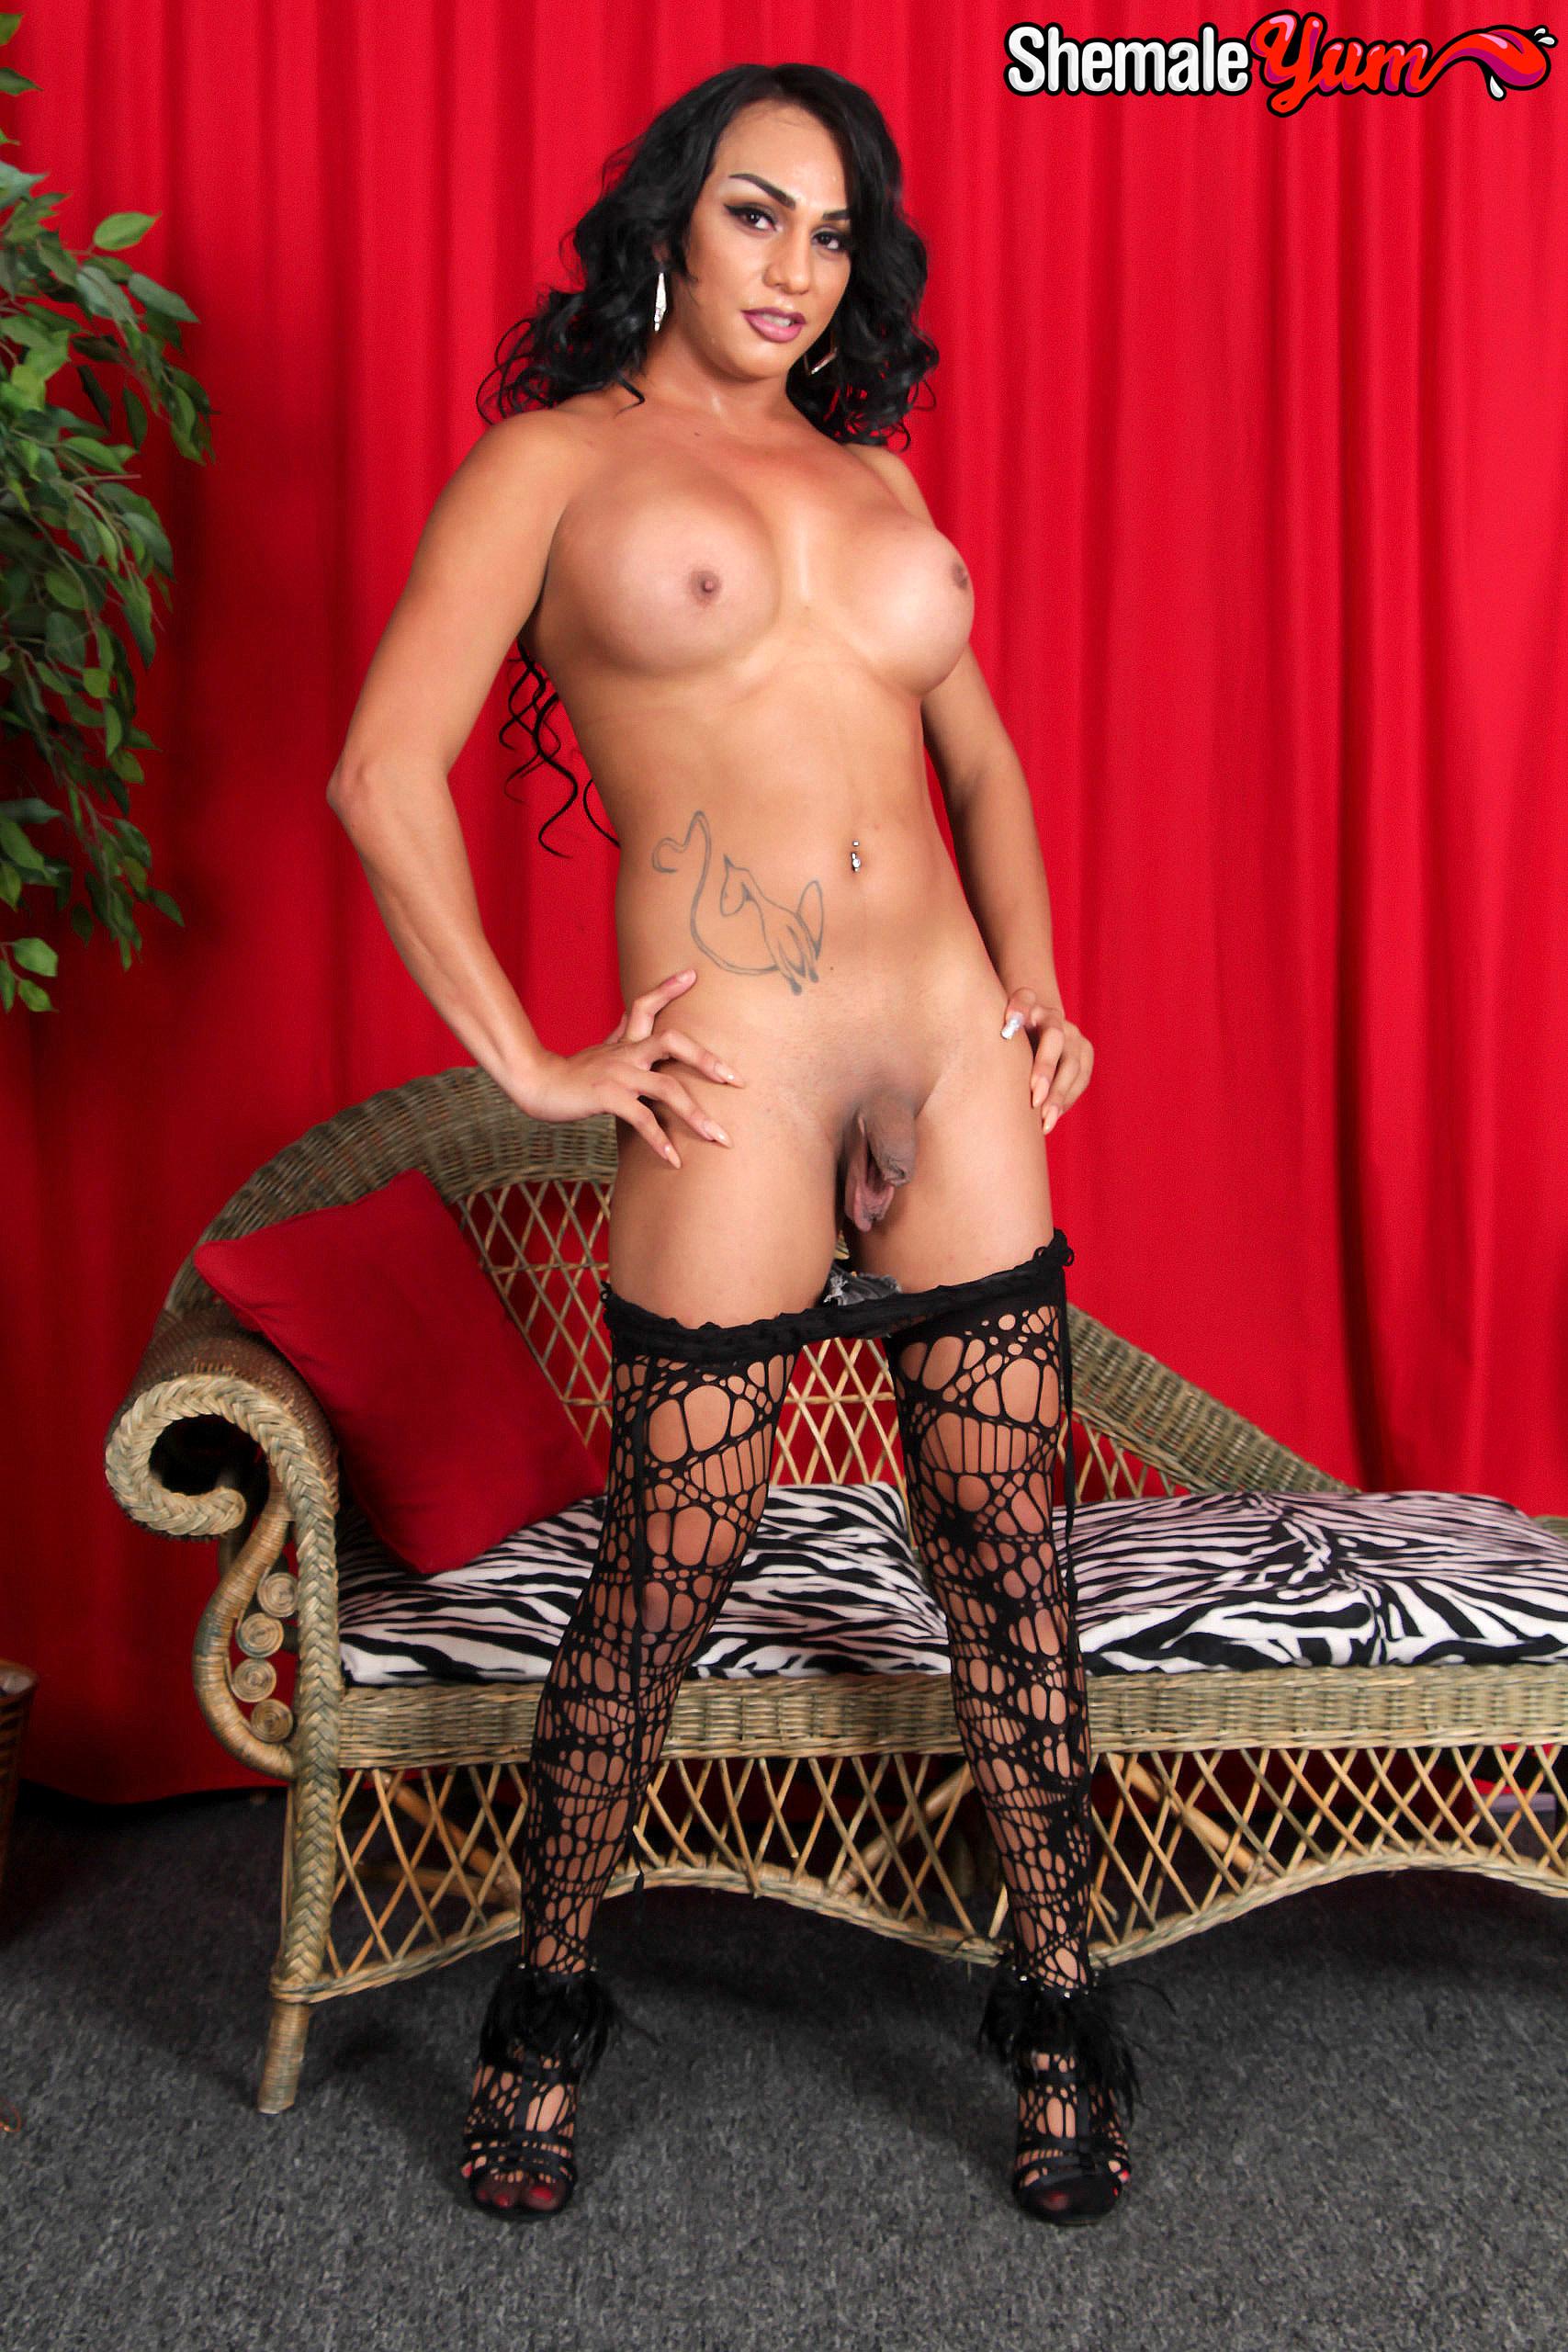 Sensuous Latina T-Girl Christine!